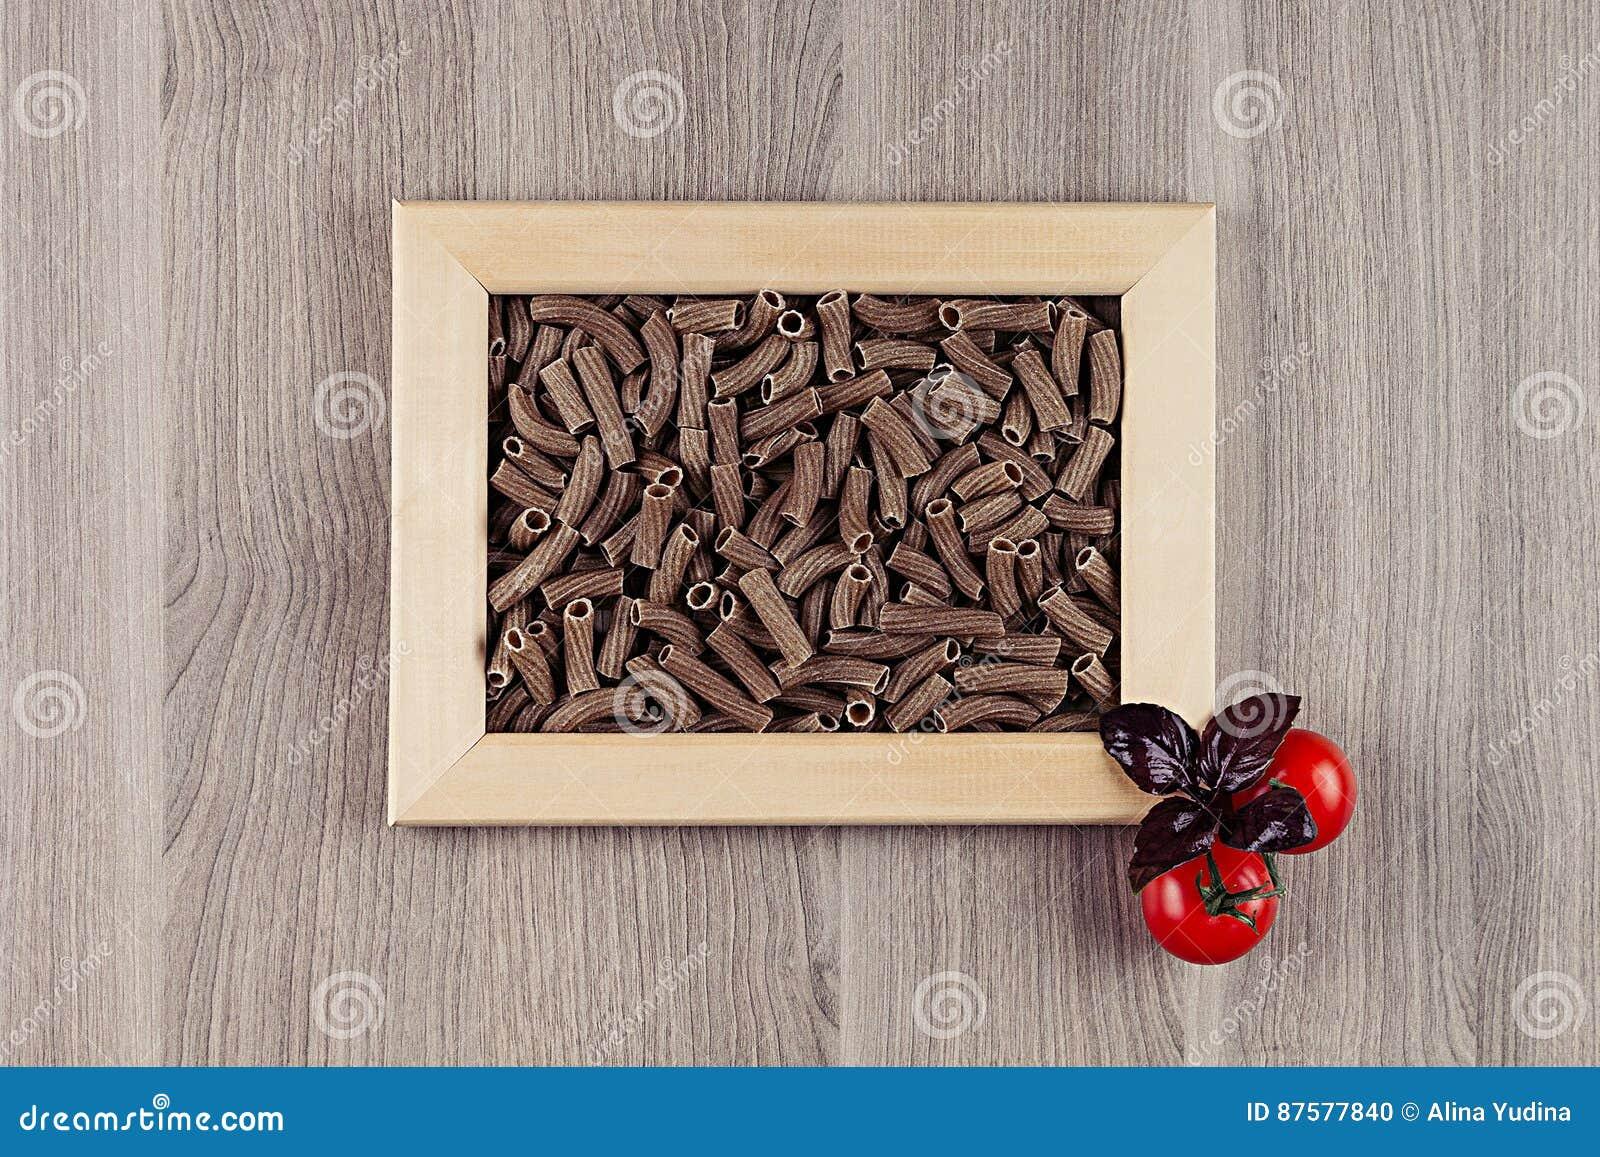 ingredients italian pasta in wood frame on beige wooden board as